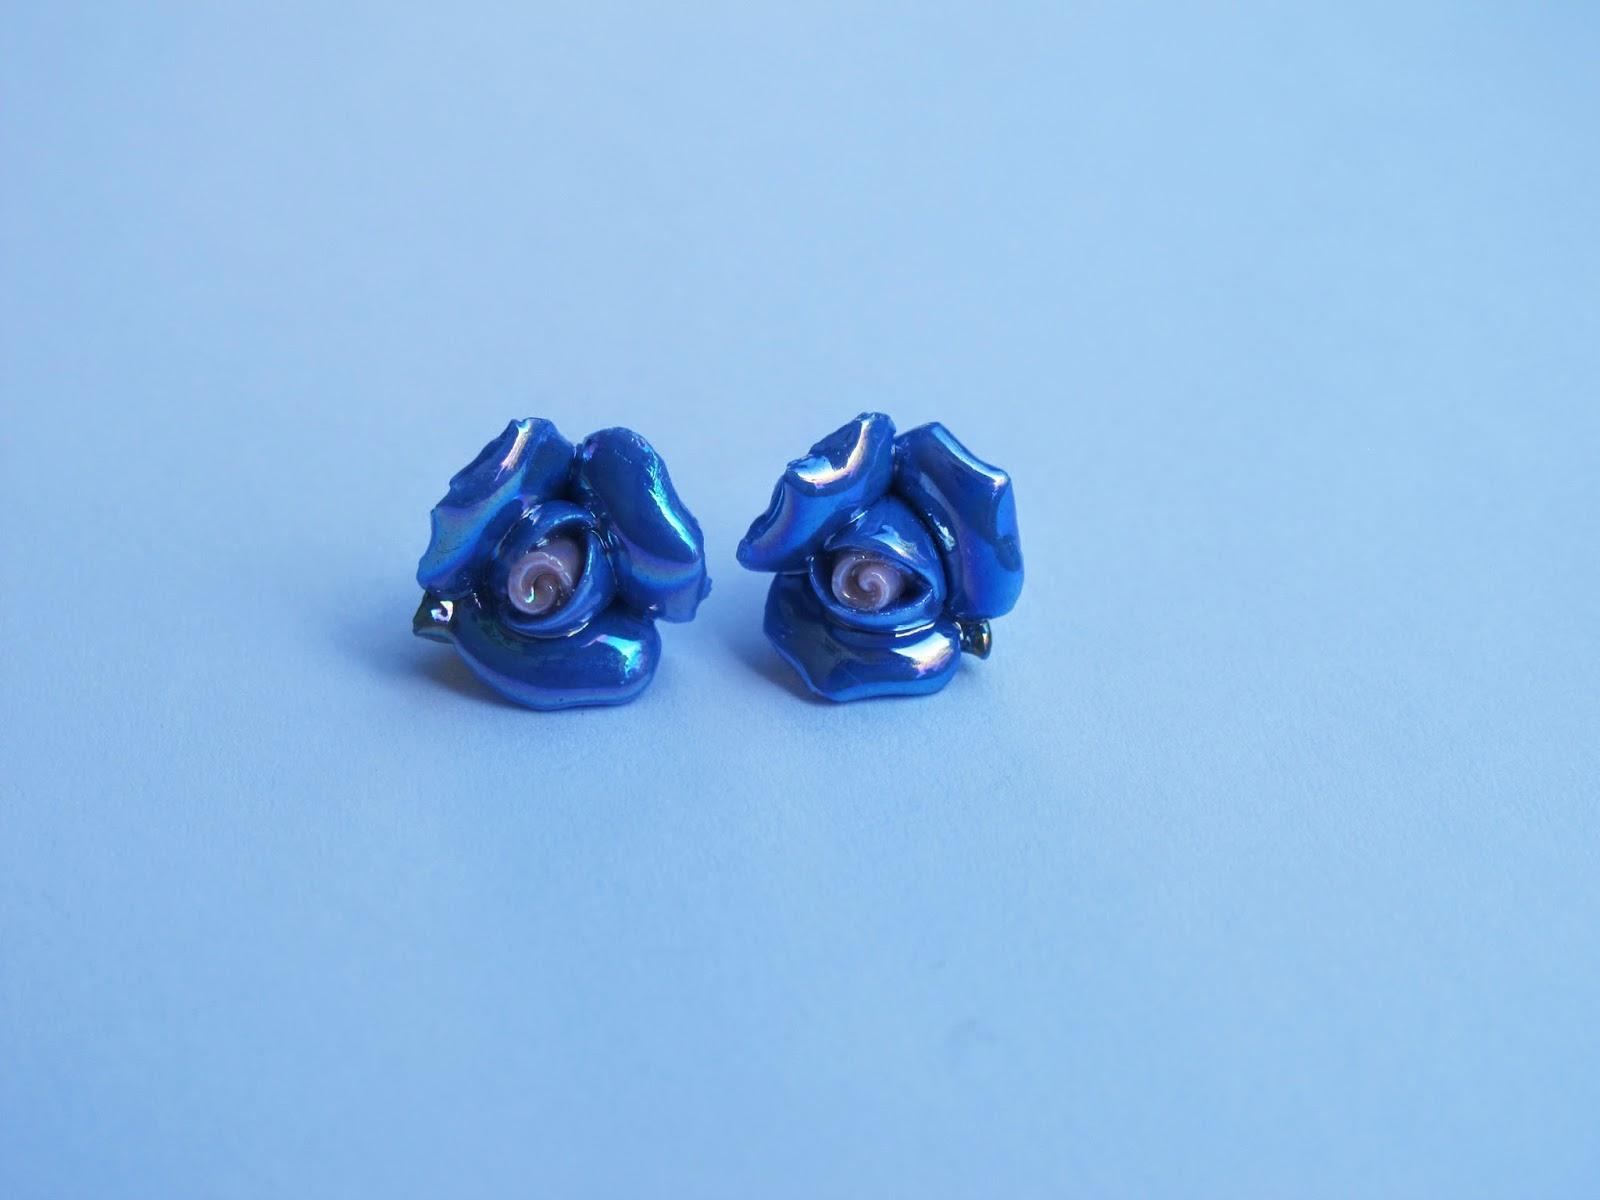 Wkrętki niebieskie różyczki